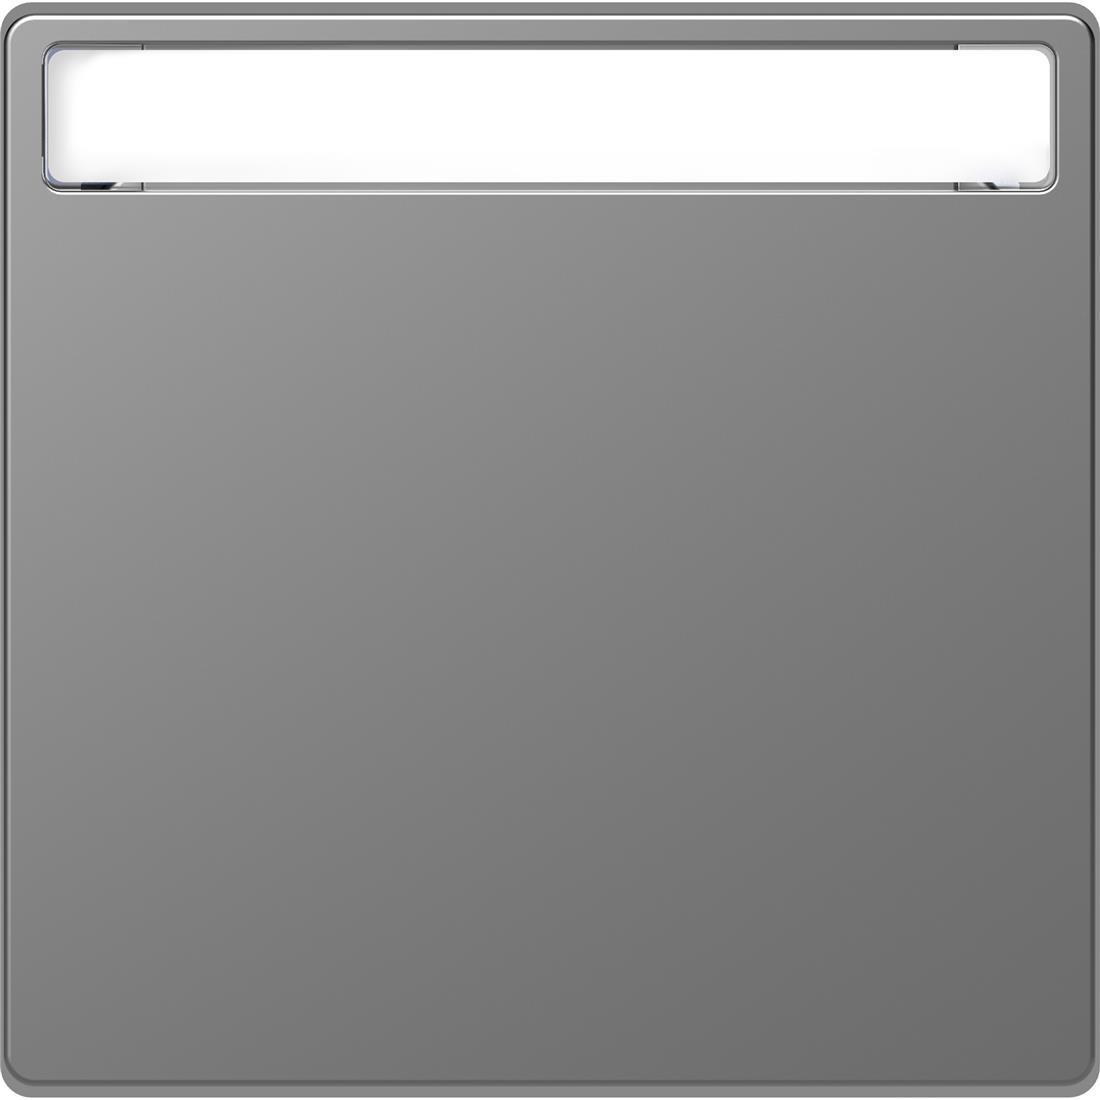 Schneider-Merten D Life wisselwip met controlevenster - RVS look (MTN3360-6036)